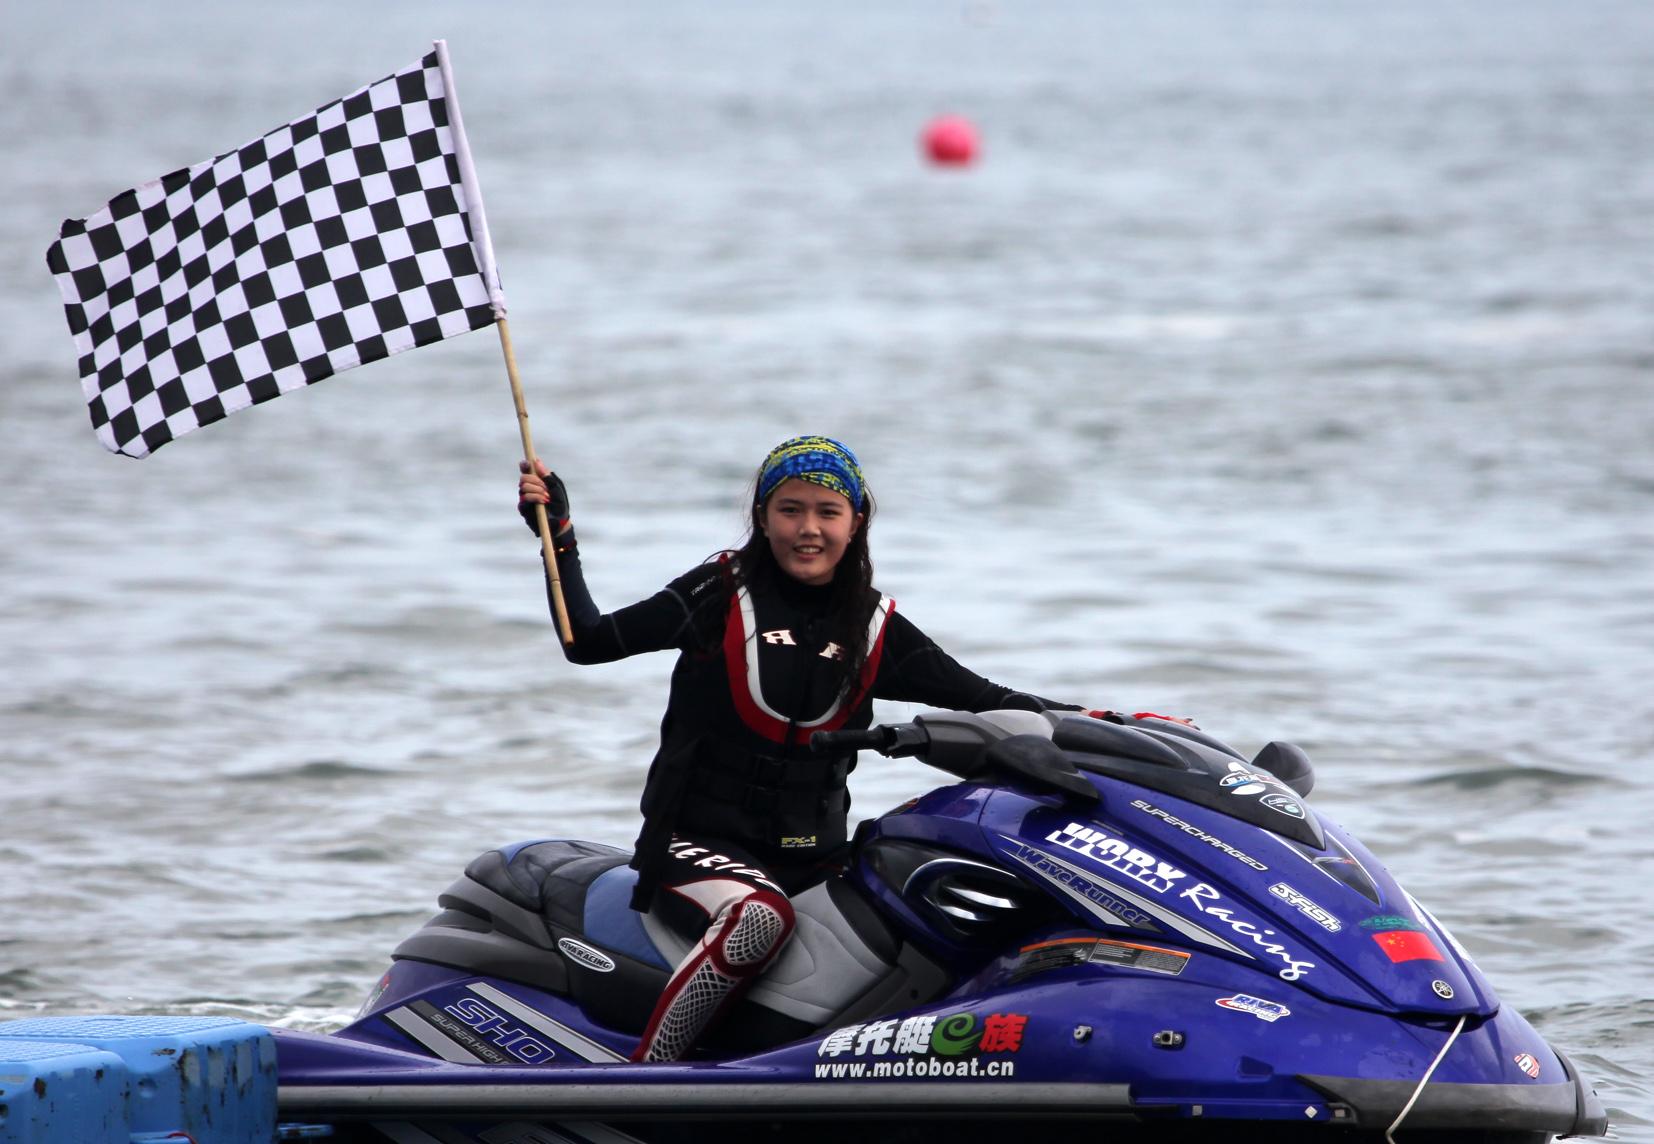 美女谢佩姗征服摩托艇 引领水上最时尚前沿(图)